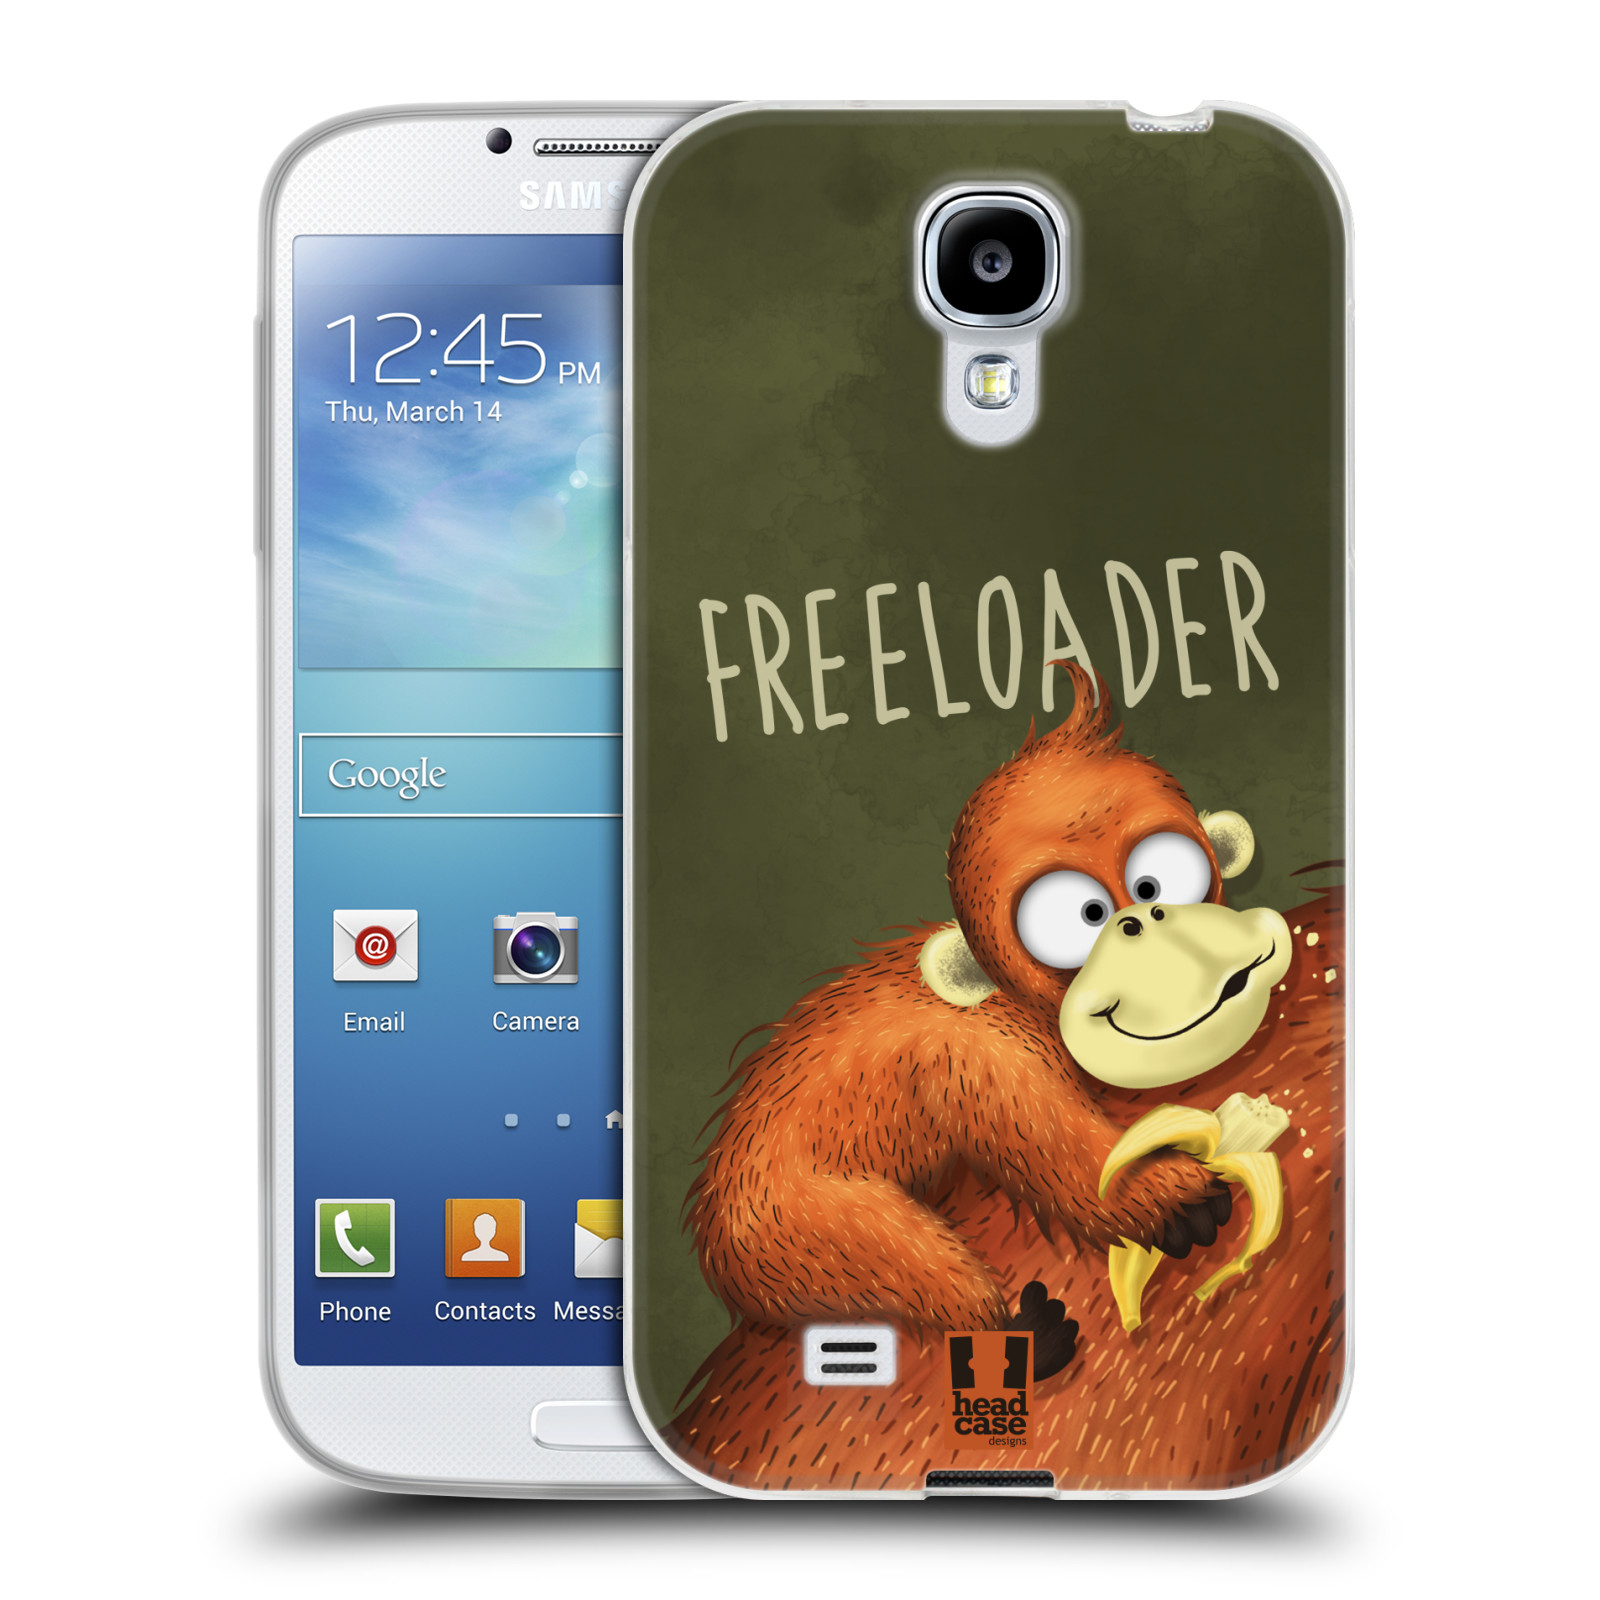 Silikonové pouzdro na mobil Samsung Galaxy S4 HEAD CASE Opičák Freeloader (Silikonový kryt či obal na mobilní telefon Samsung Galaxy S4 GT-i9505 / i9500)